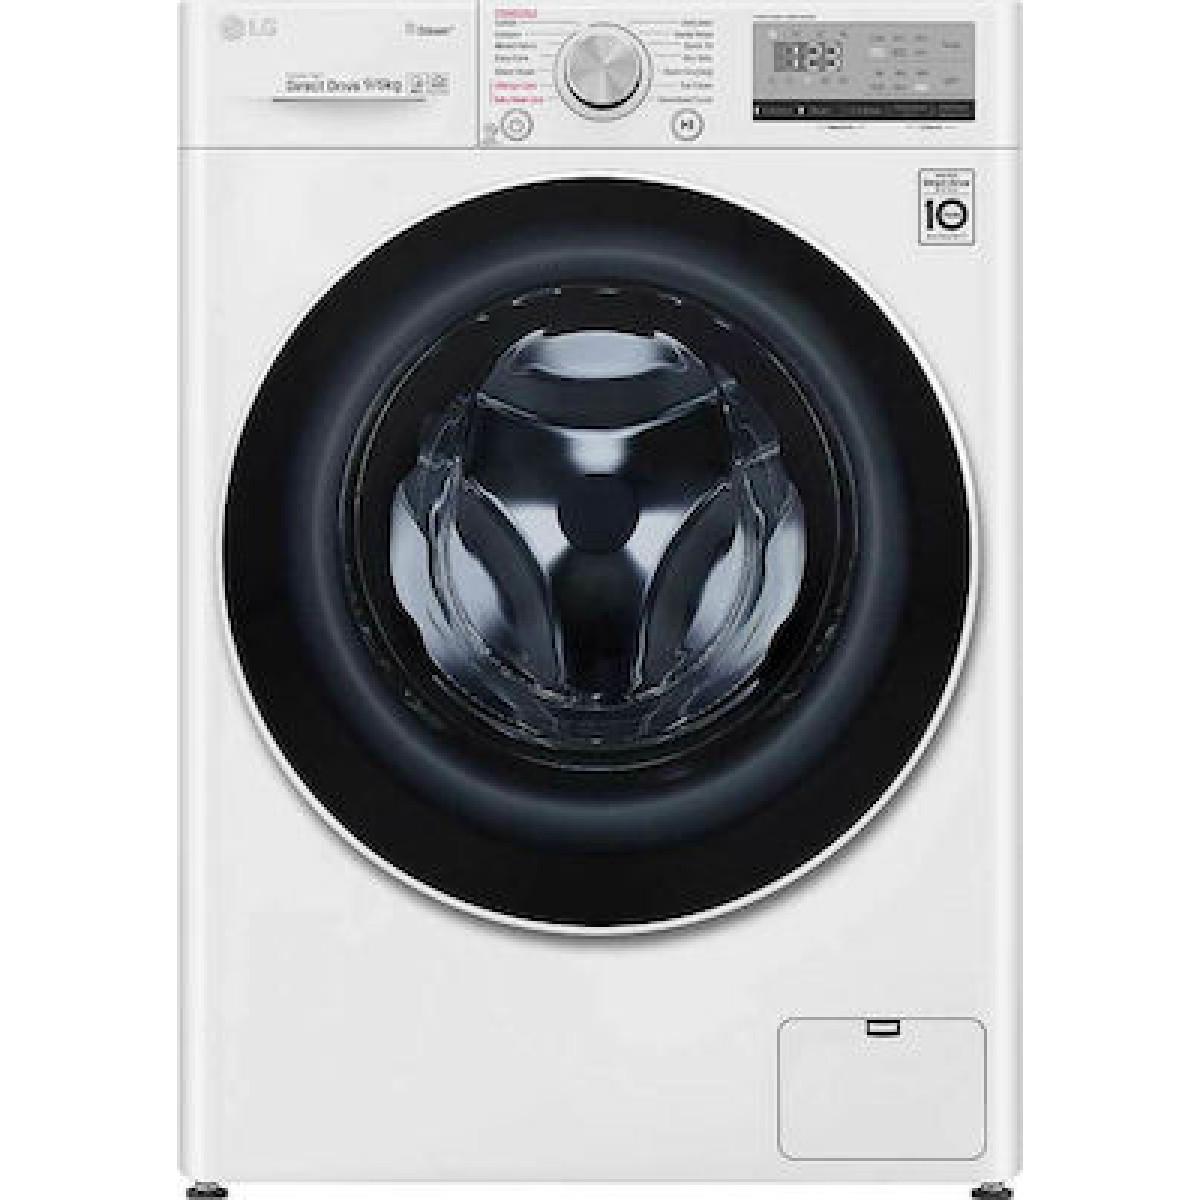 Πλυντήριο-Στεγνωτήριο LG F4DV509H0E 9 kg/6 kg Πλυντήρια-Στεγνωτήρια